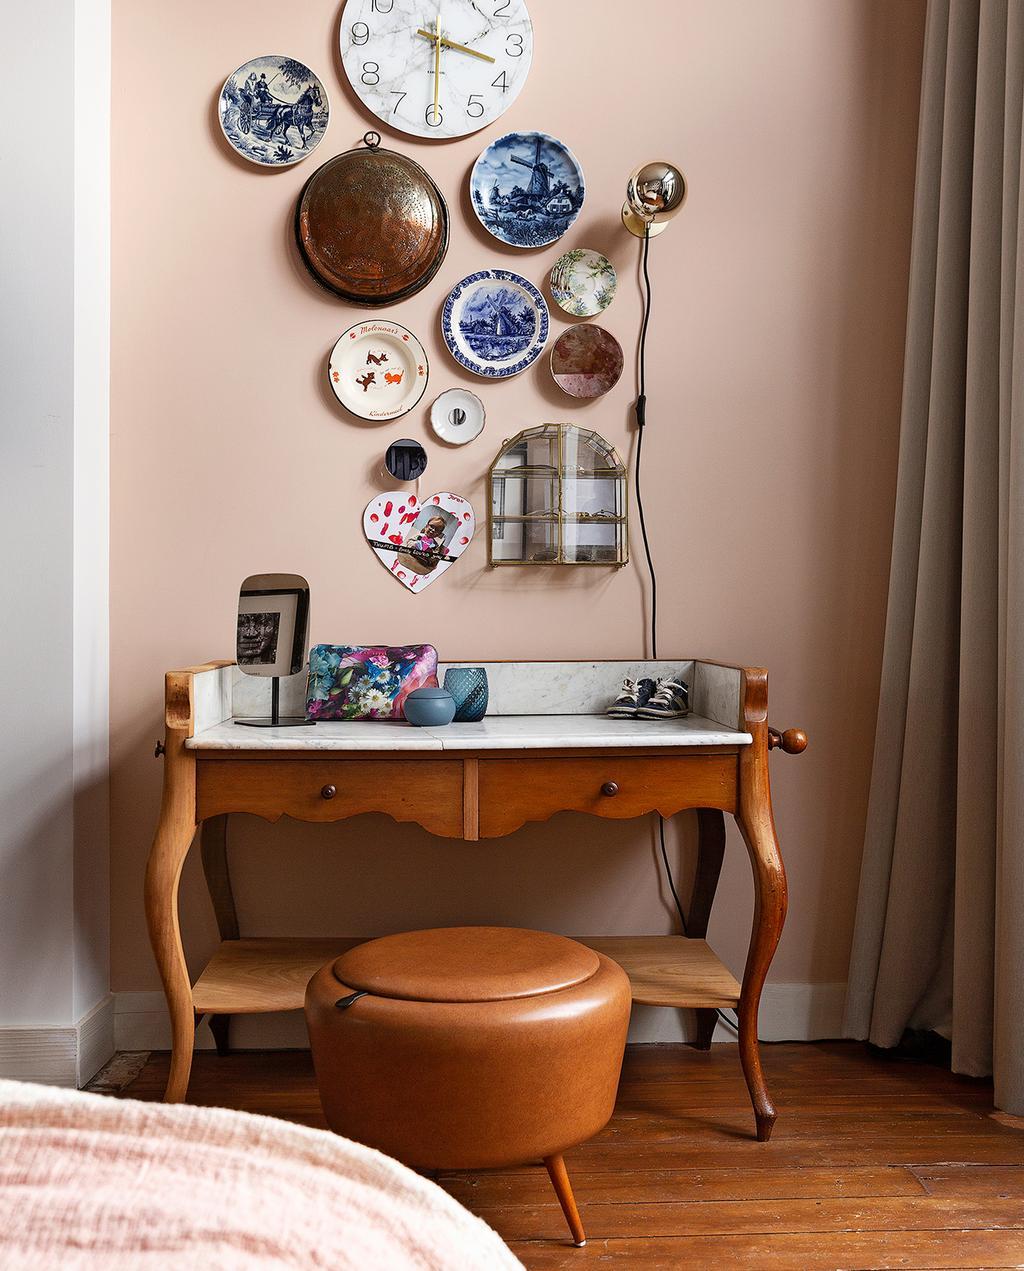 vtwonen 04-2020 | dressoir van hout met wanddecoratie